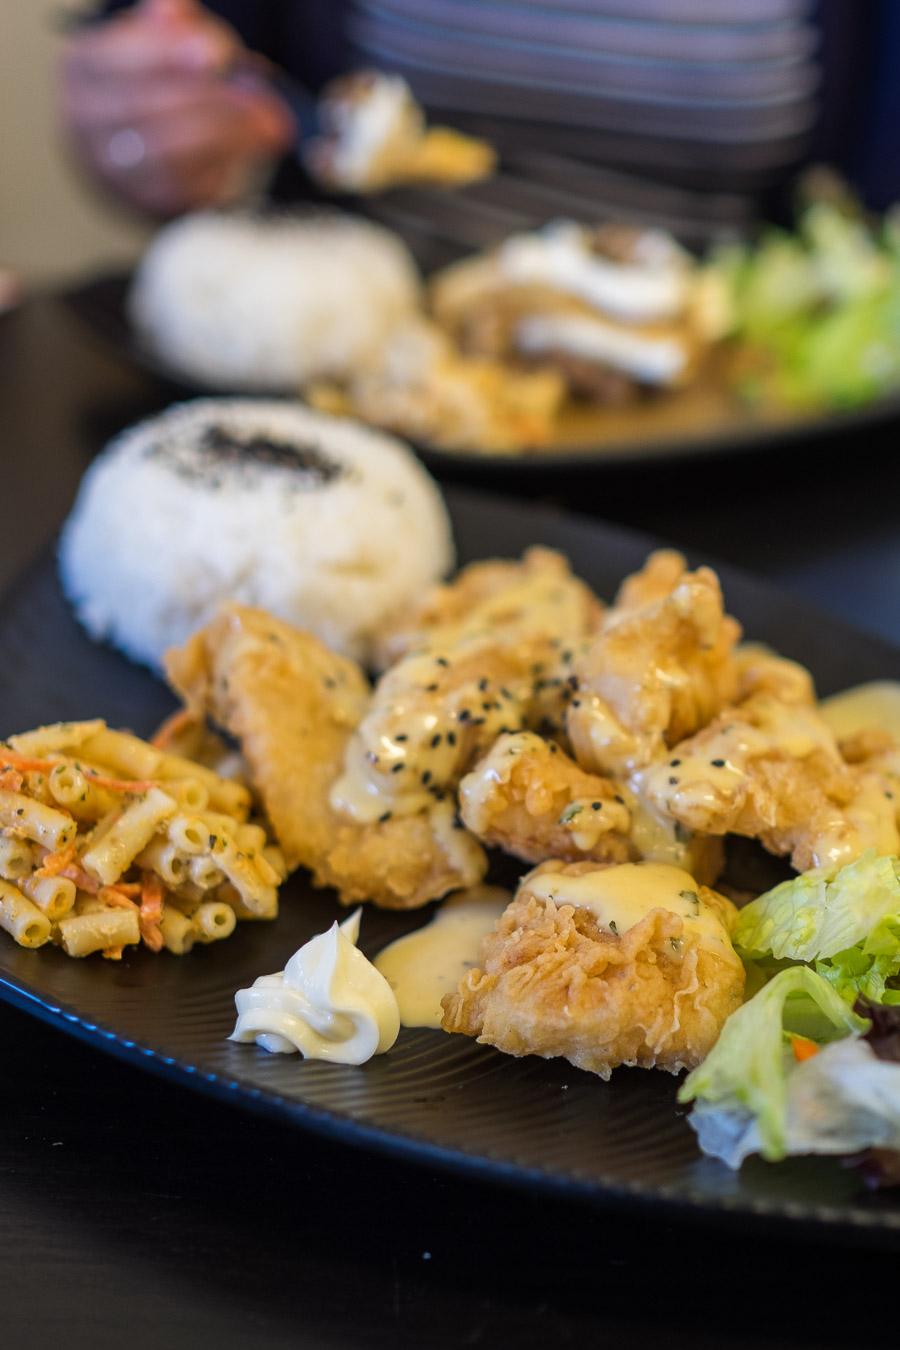 Creamy tarragon fish (AU$13.90 plate)